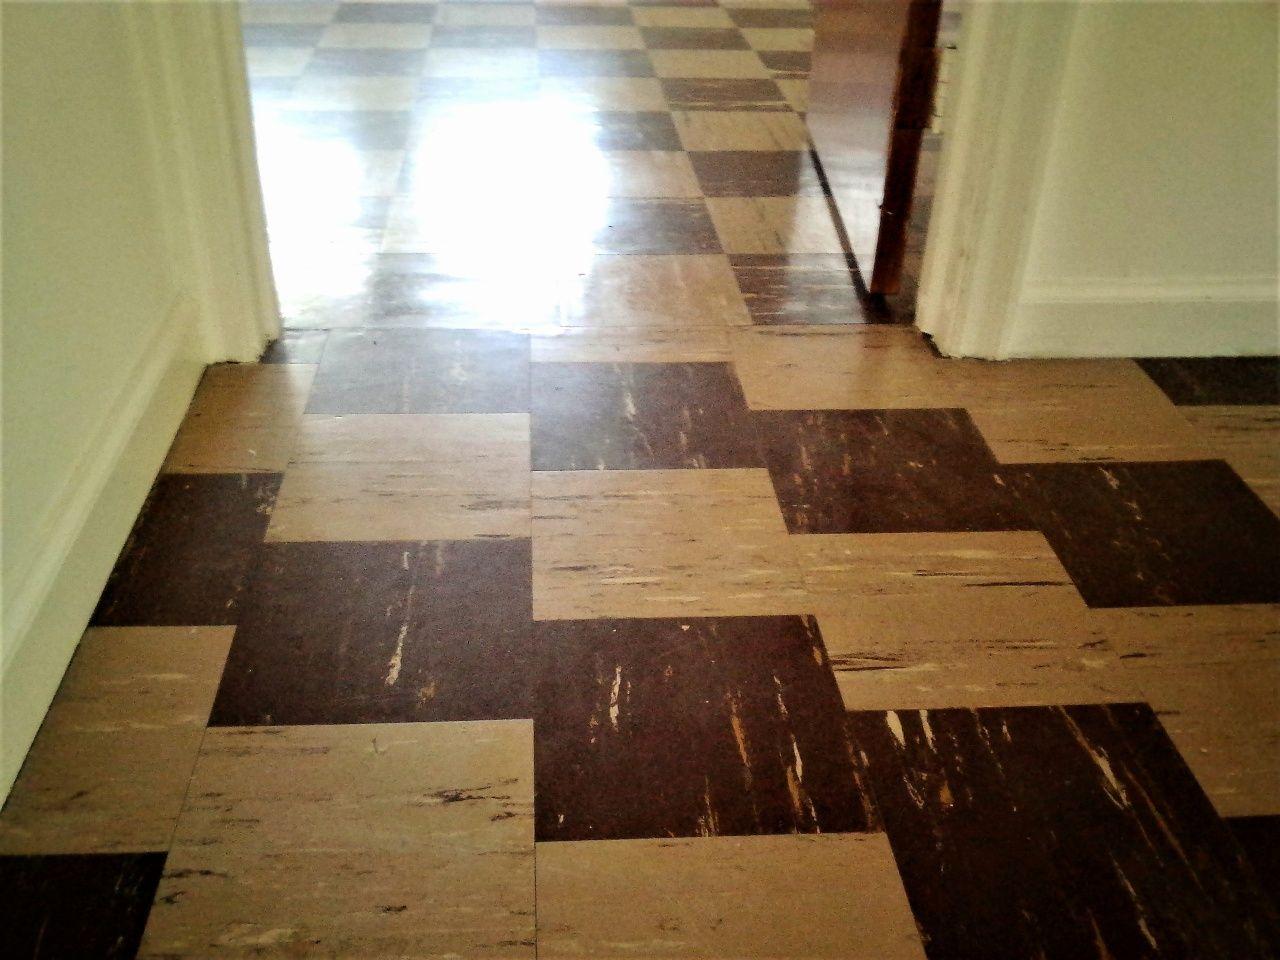 Grip Strip Vinyl Plank Flooring In 2020 Asbestos Tile Vinyl Flooring Vinyl Plank Flooring